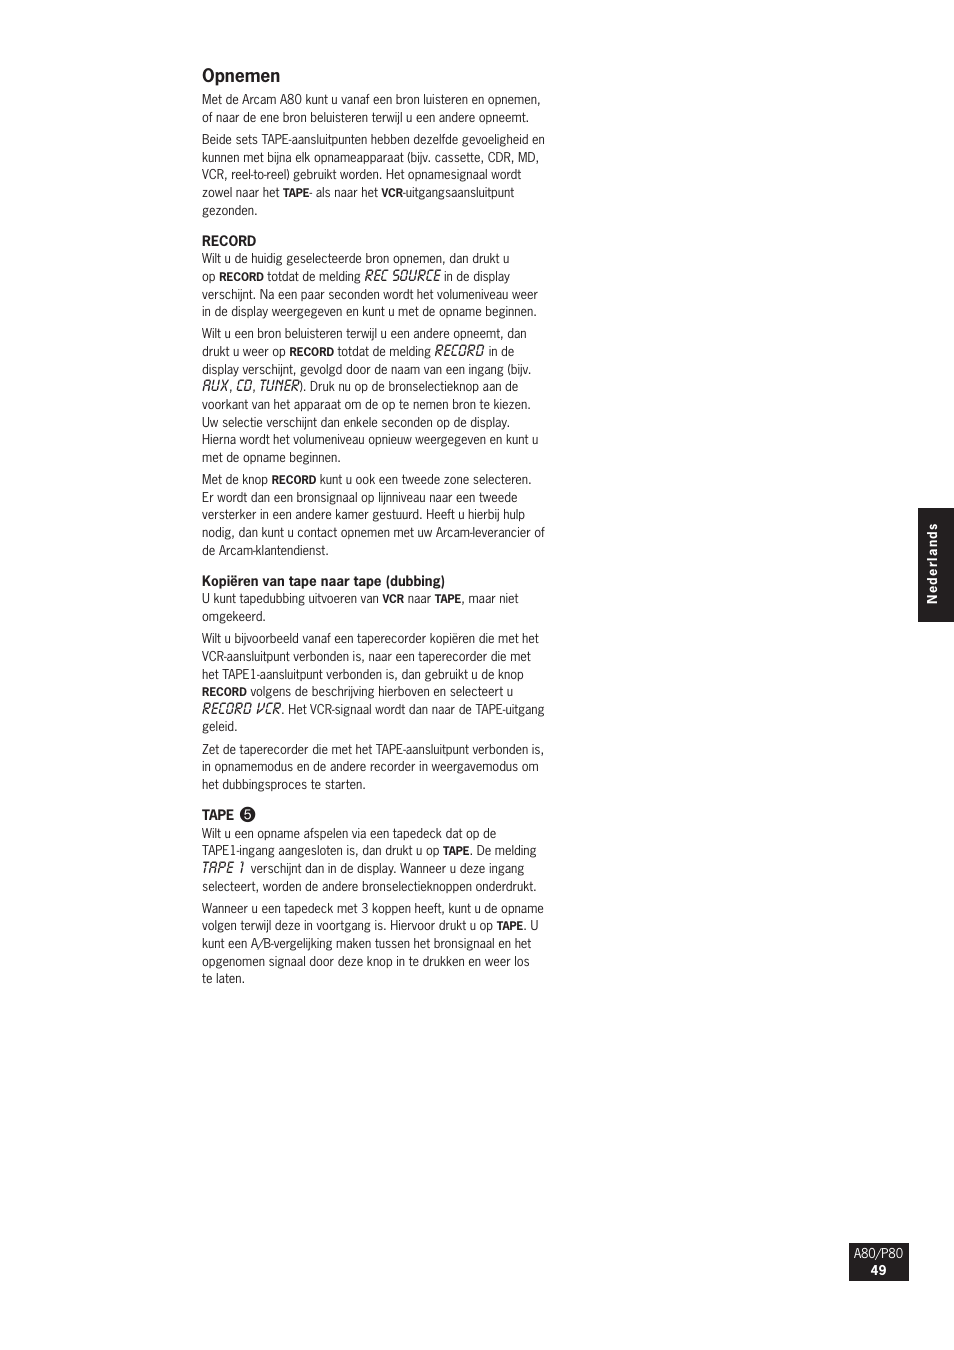 opnemen arcam a80 user manual page 49 60 original mode rh manualsdir com